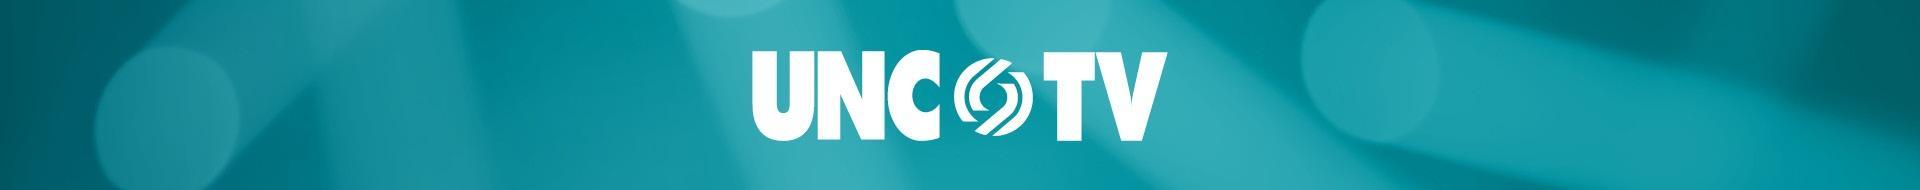 UNC-TV